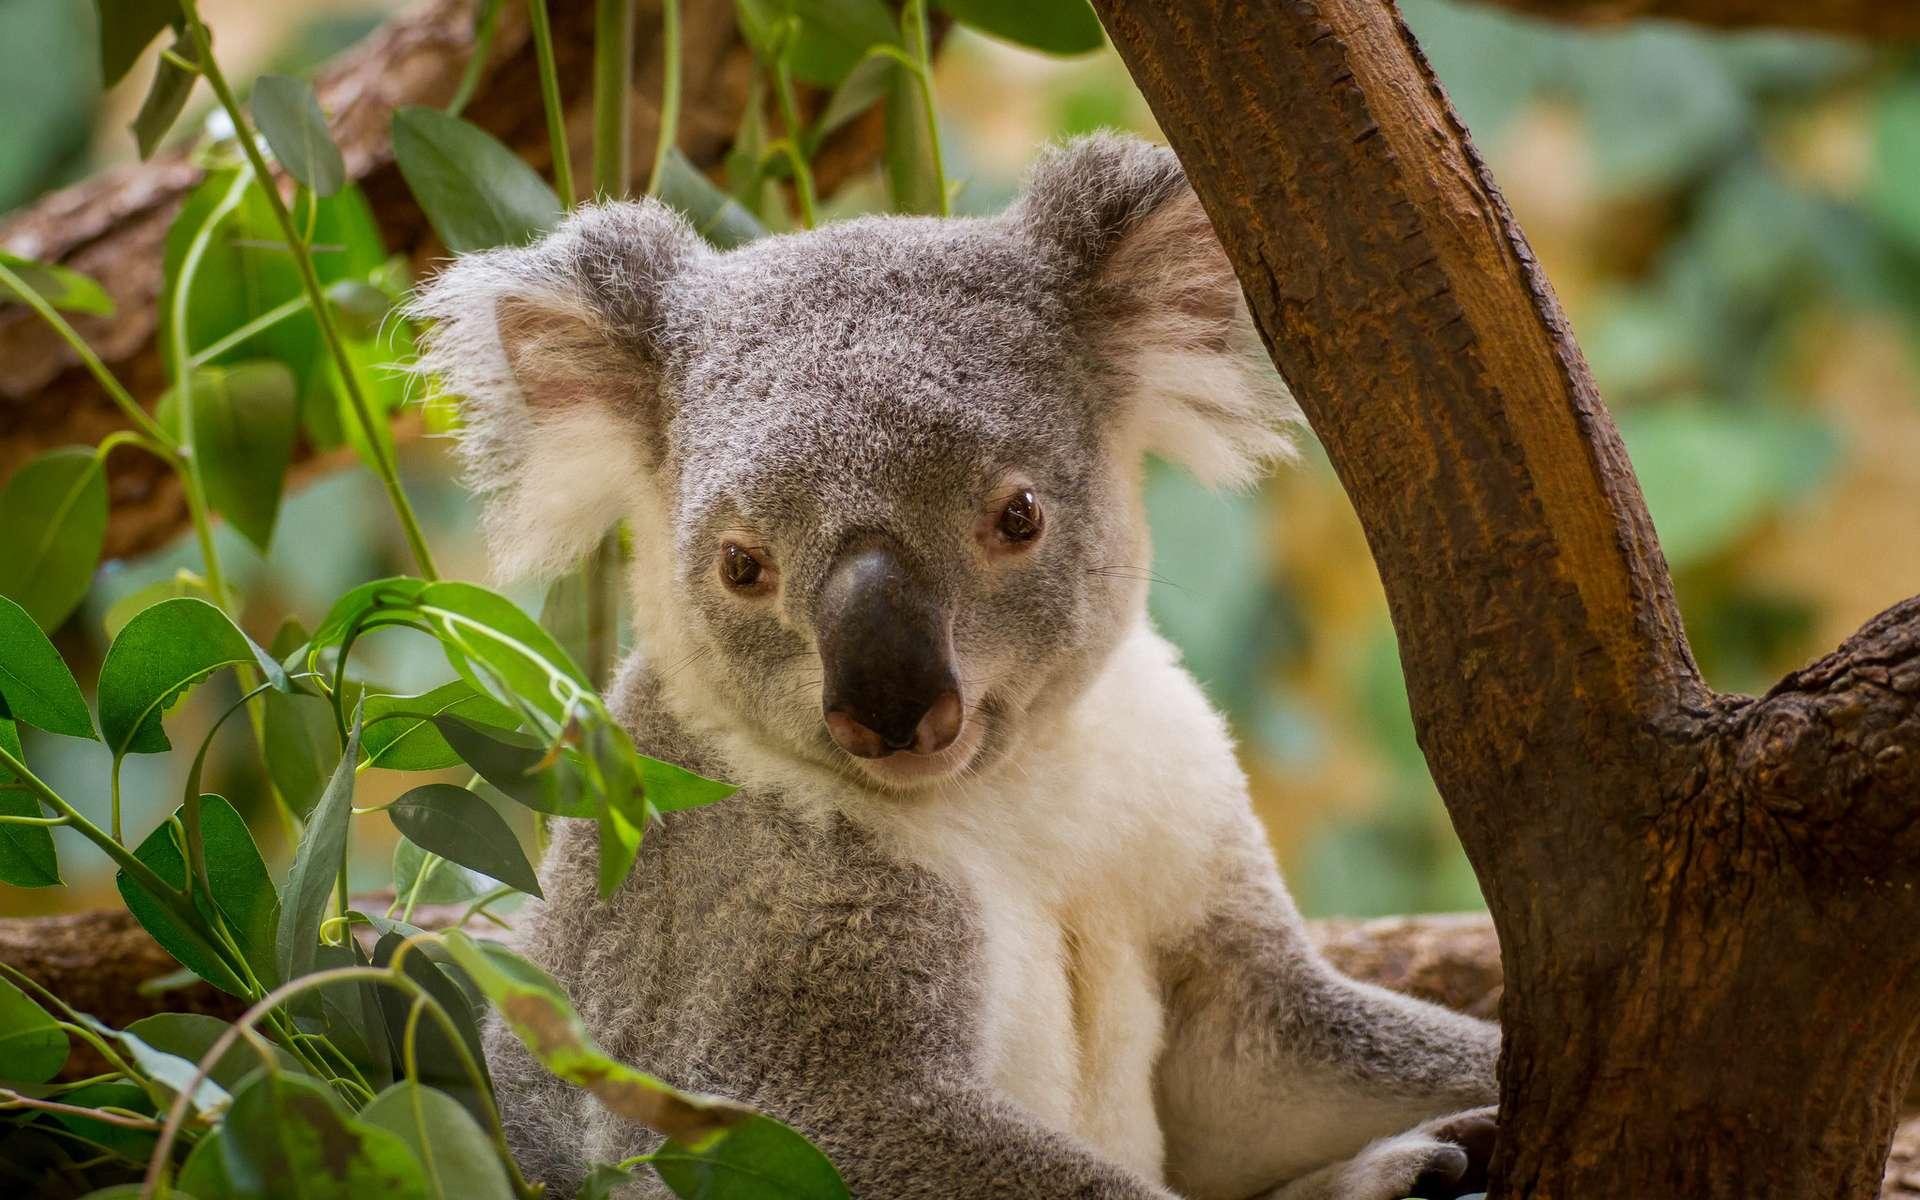 Les animaux menacés doivent patienter très longtemps avant de faire l'objet d'une mesure de protection de la part de la Cites. © Michel Espig, Flickr